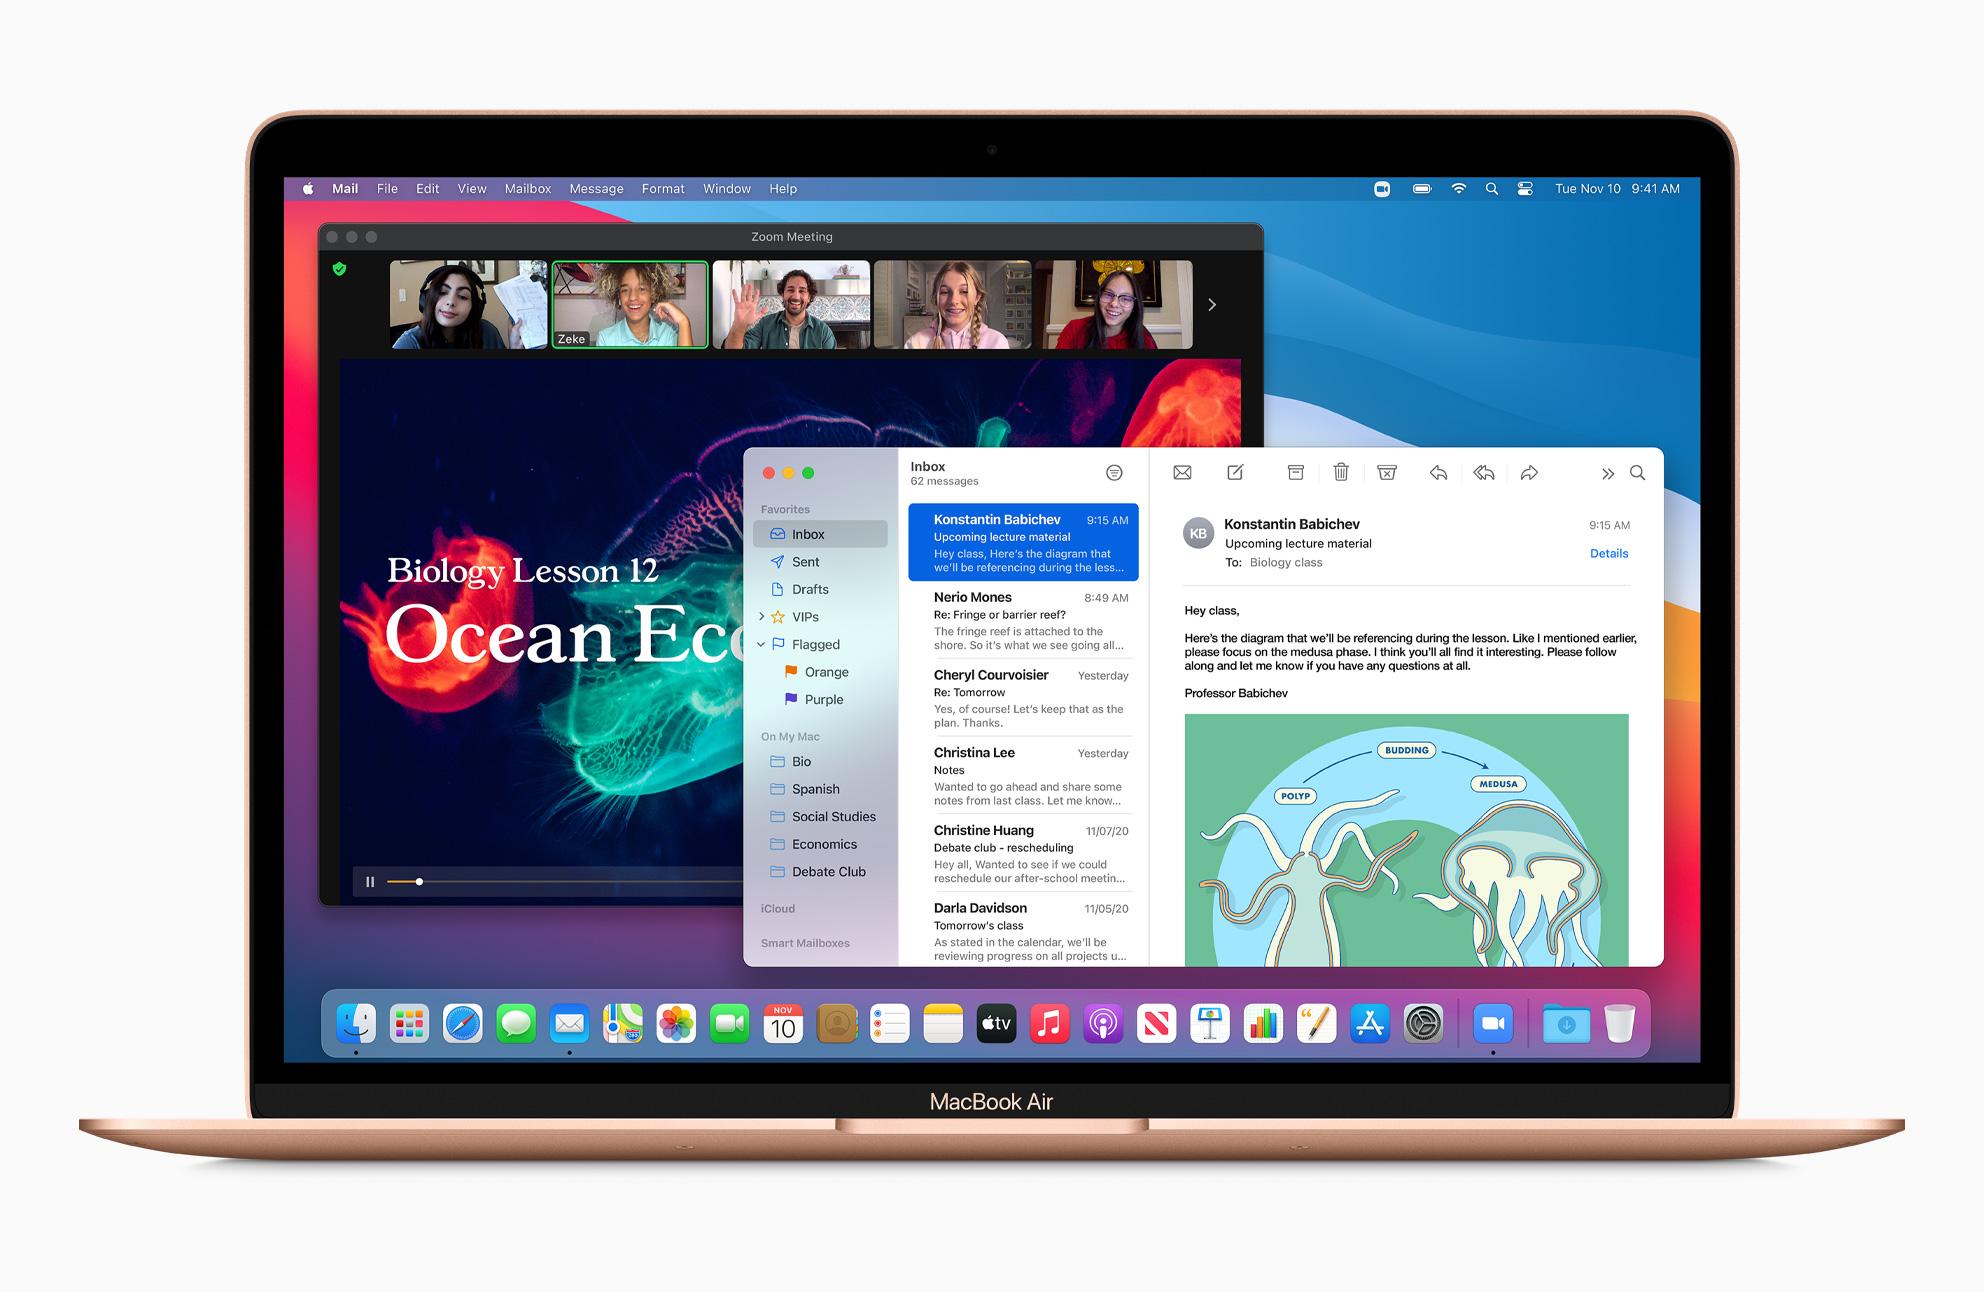 MacBook Air M1 image